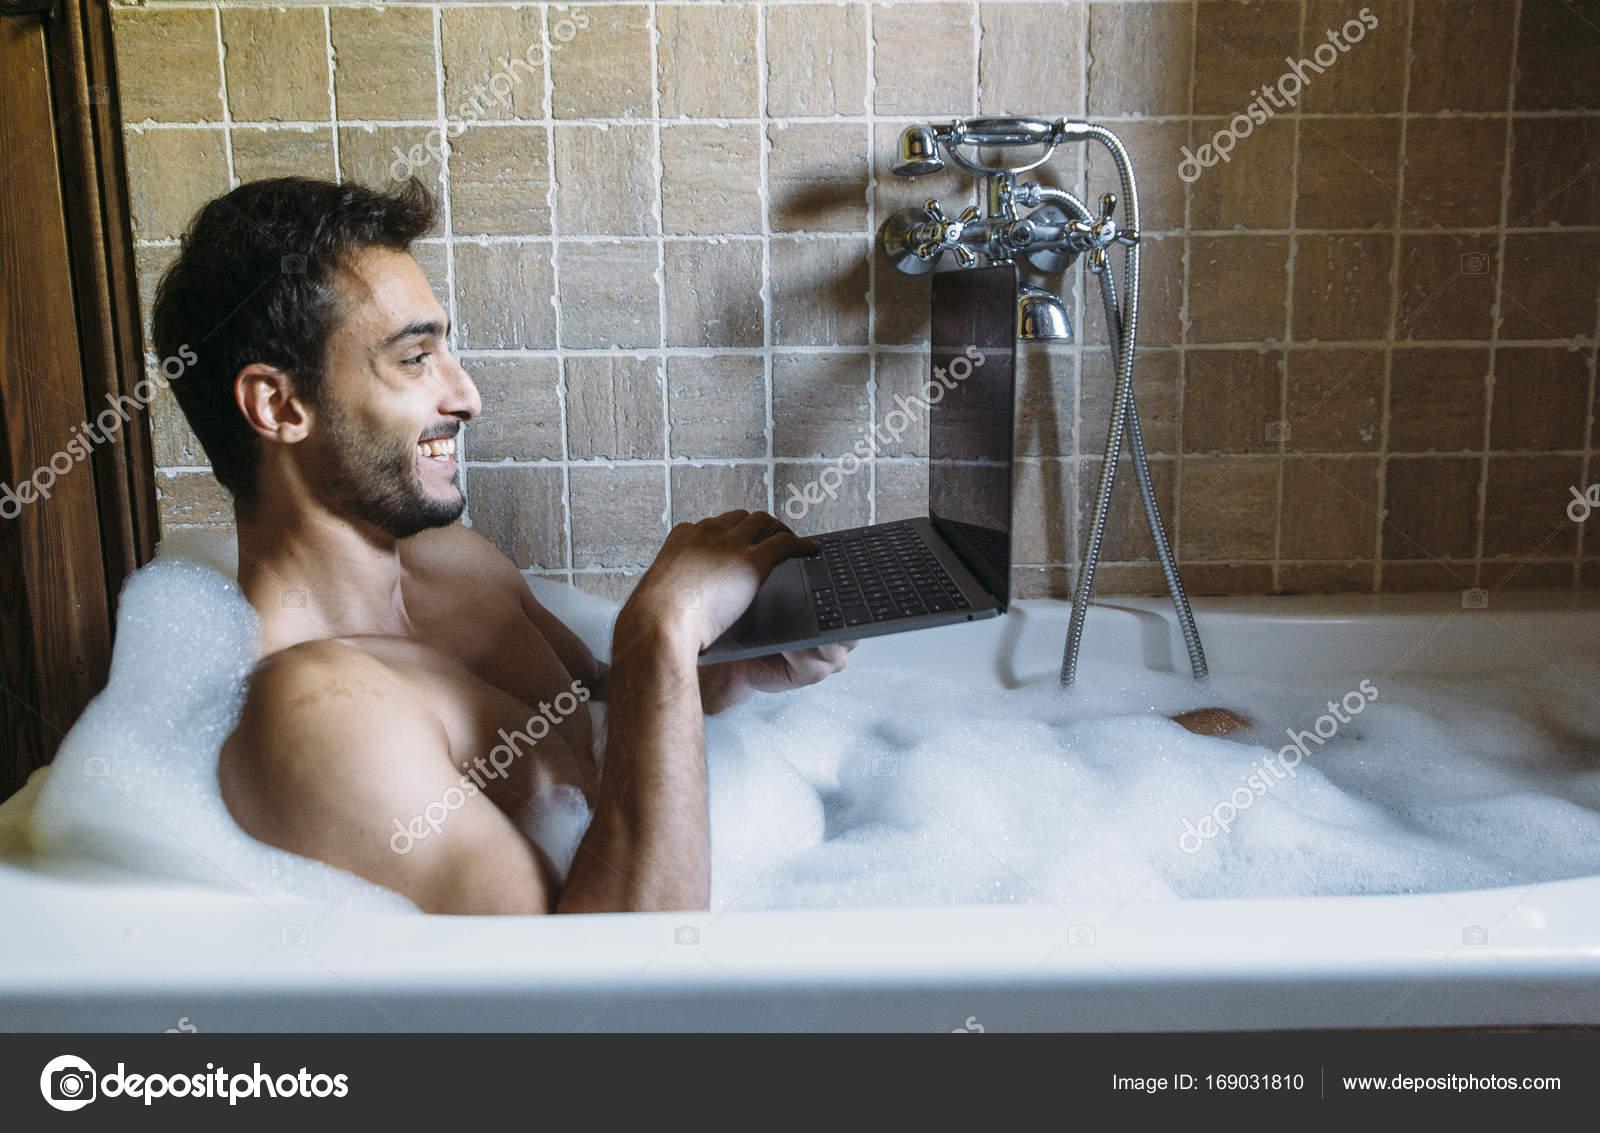 Bagno Con Un Ragazzo : Ragazzo nudo in bagno con il computer portatile u foto stock